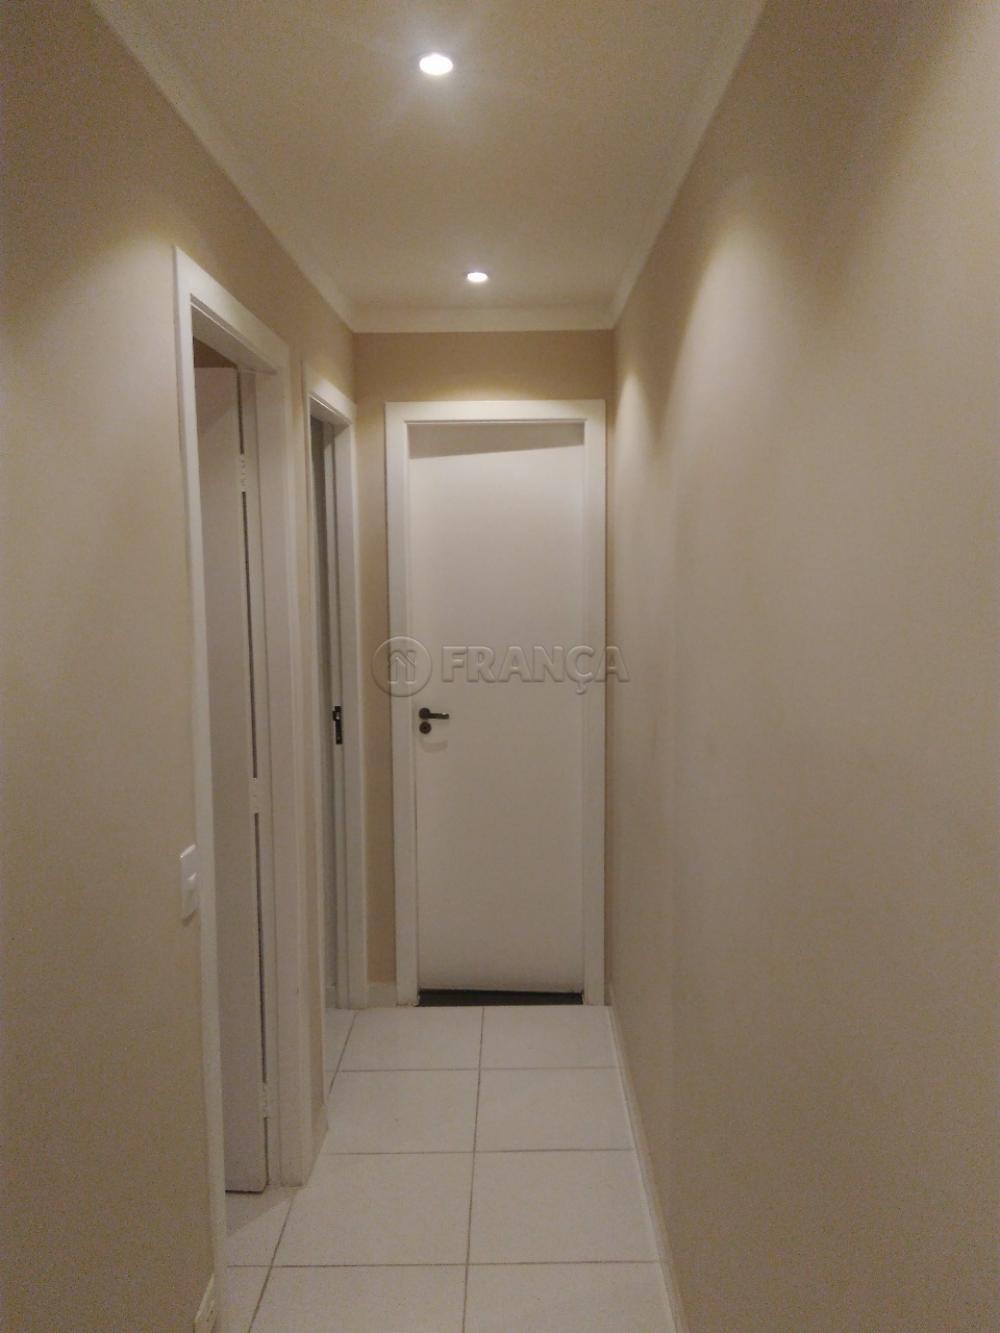 Comprar Apartamento / Padrão em São José dos Campos R$ 177.000,00 - Foto 5